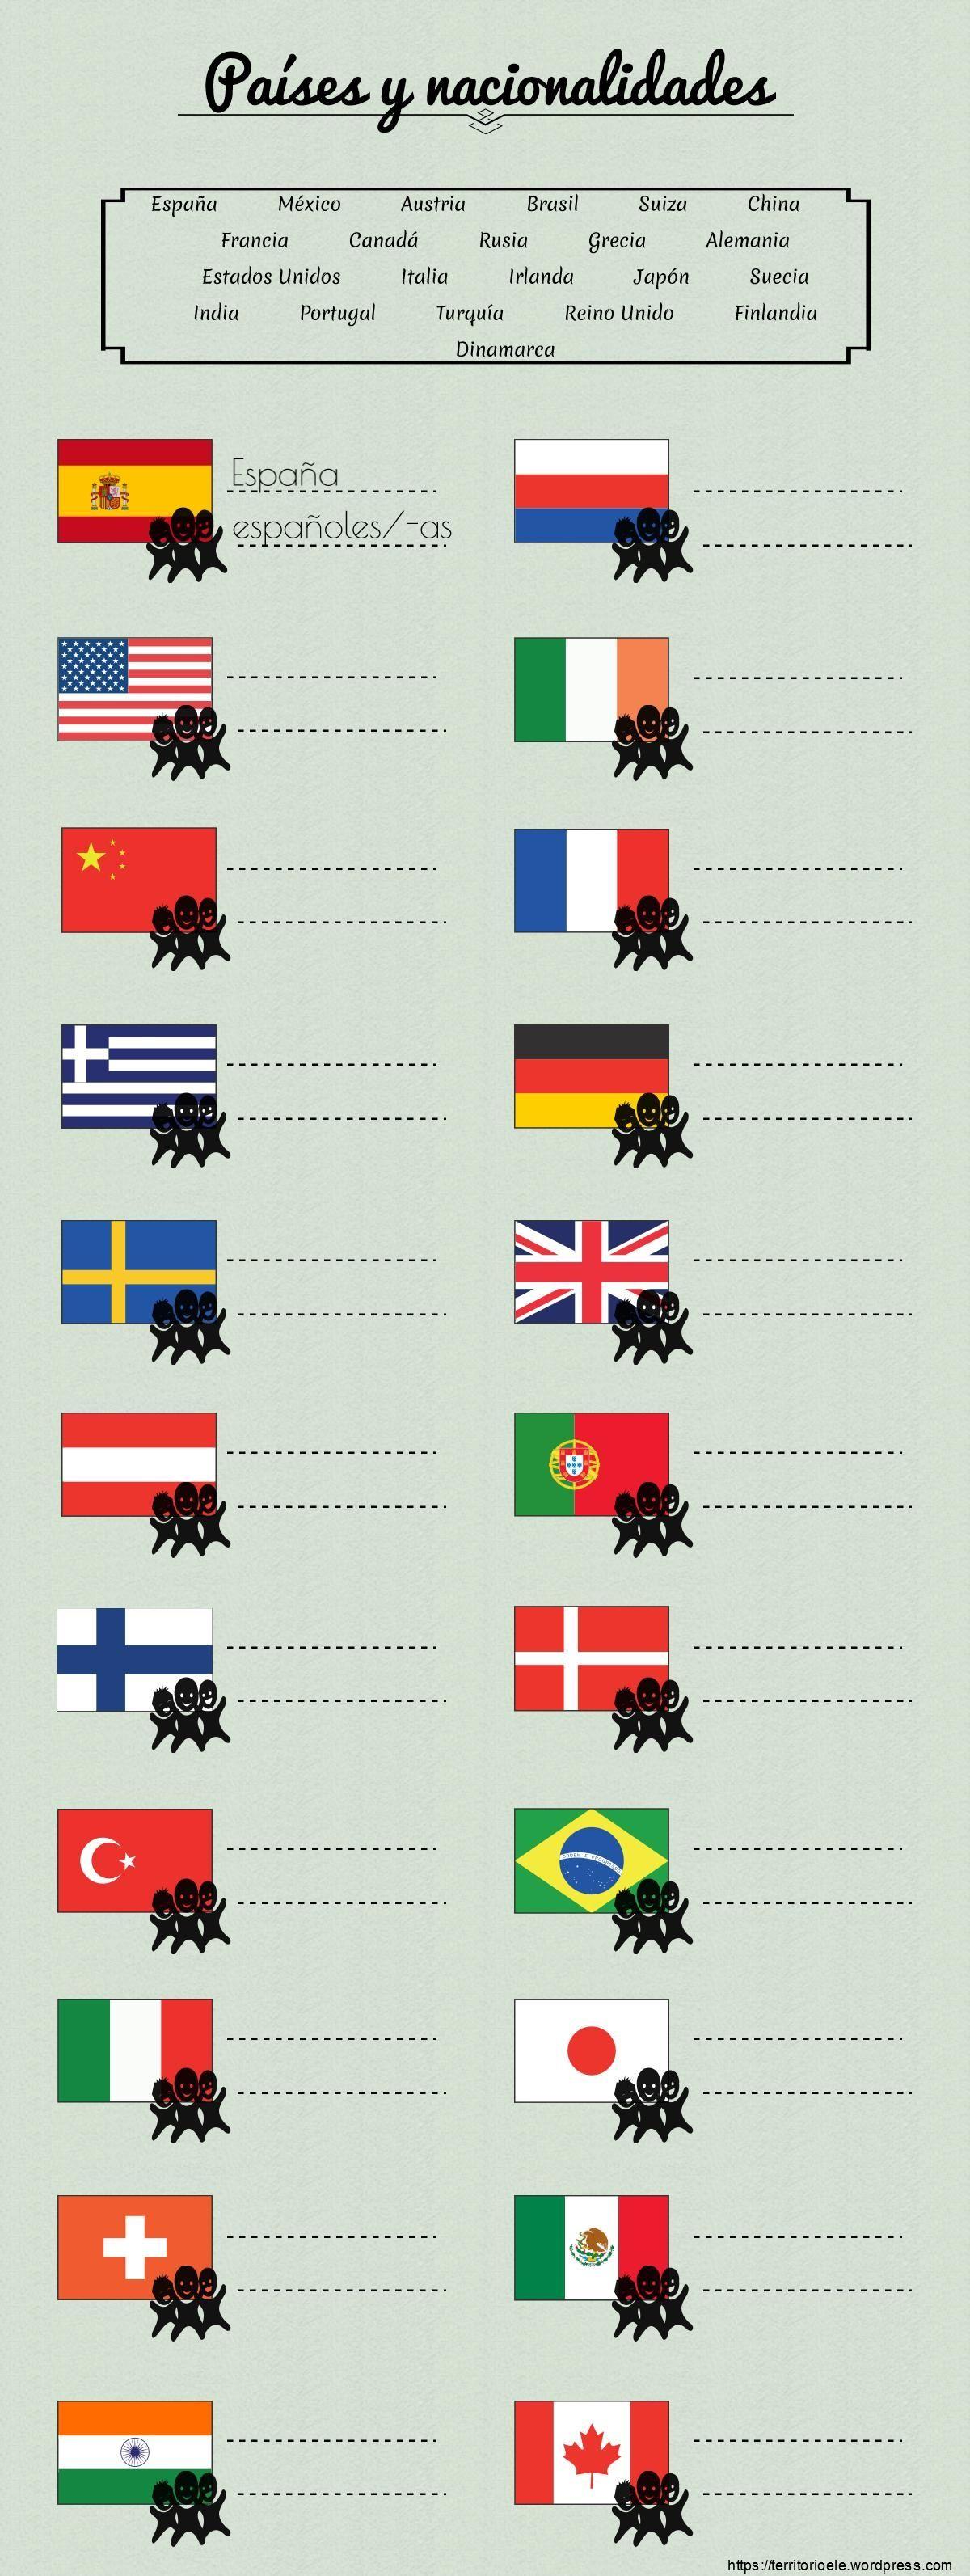 12 Ideas De Países Y Nacionalidades Nacionalidades Paises Español